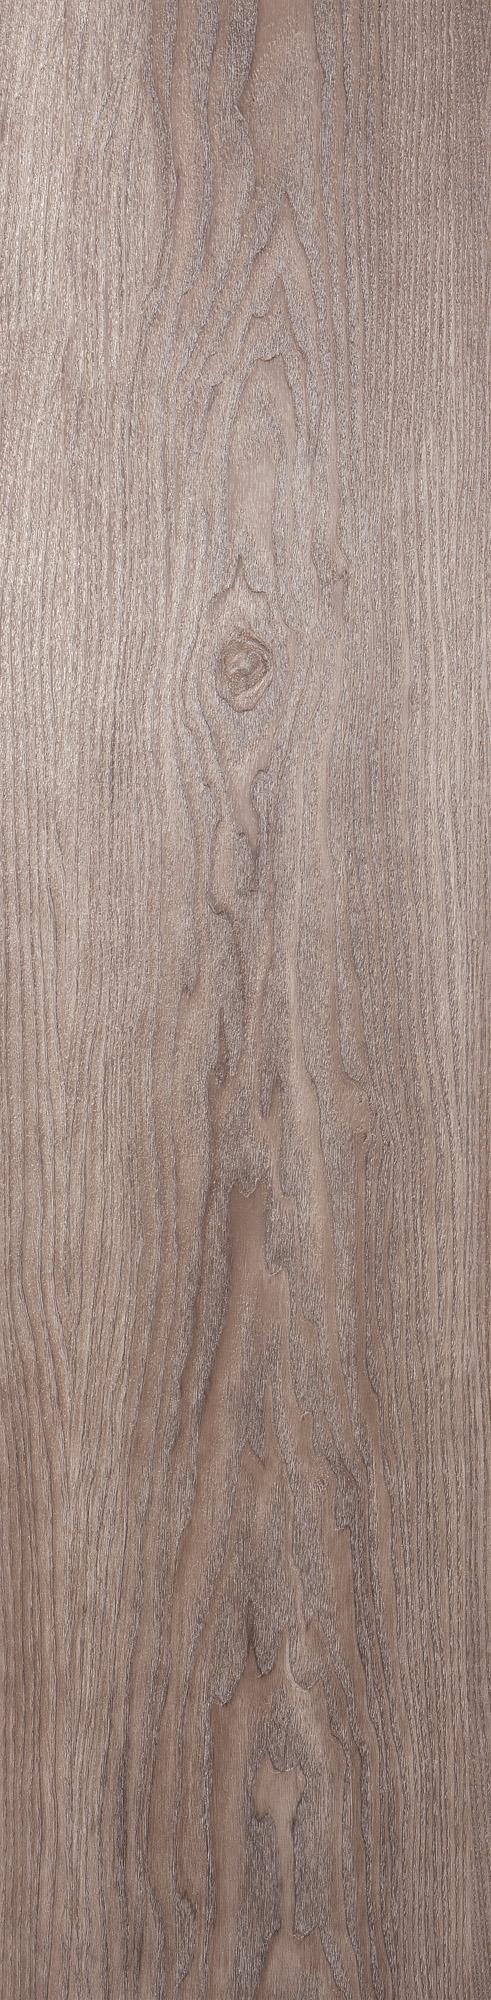 Chêne pédonculé blanchi